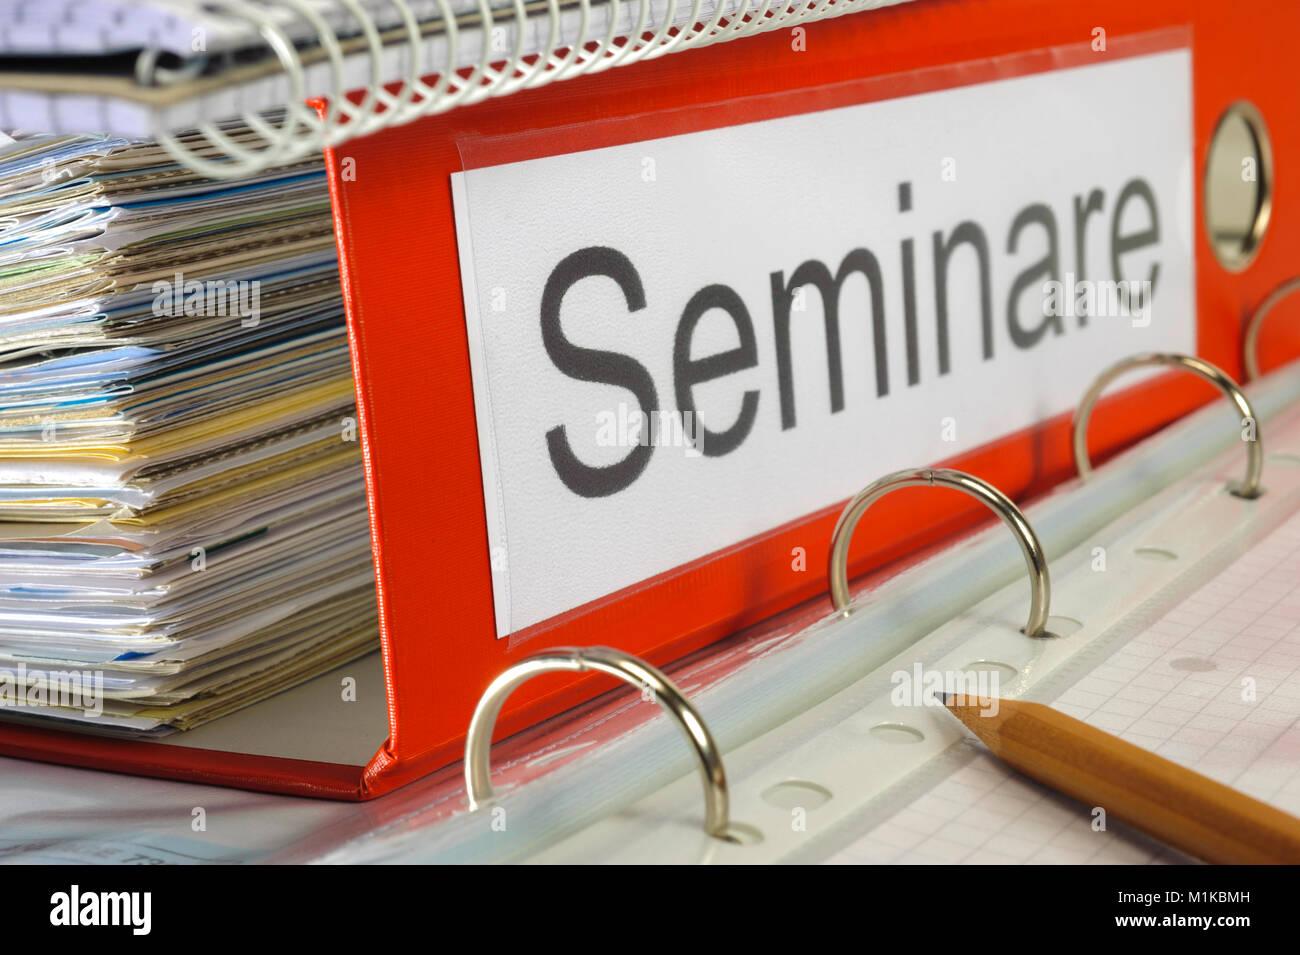 Seminare als Fortbildung - Wolfgang Filser [Jede Nutzung ist honorarpflichtig. Veroeffentlichung nur gegen Honorarzahlung, Urhebervermerk und Belegexe Stock Photo